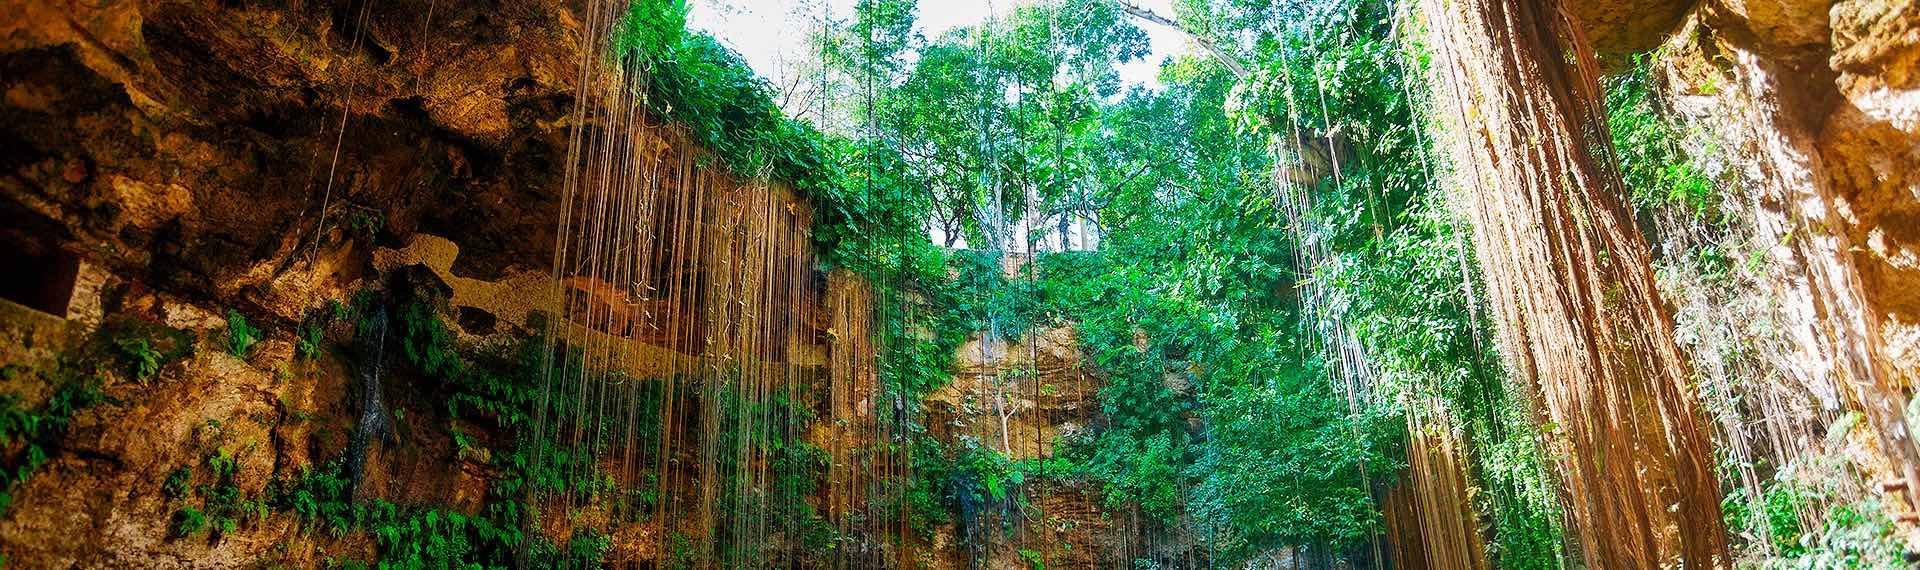 Mexican Caribbean, Riviera Maya, Mexican cenotes, Ruta de los Cenotes, Cancun cenotes photos, Cancun landsacapes